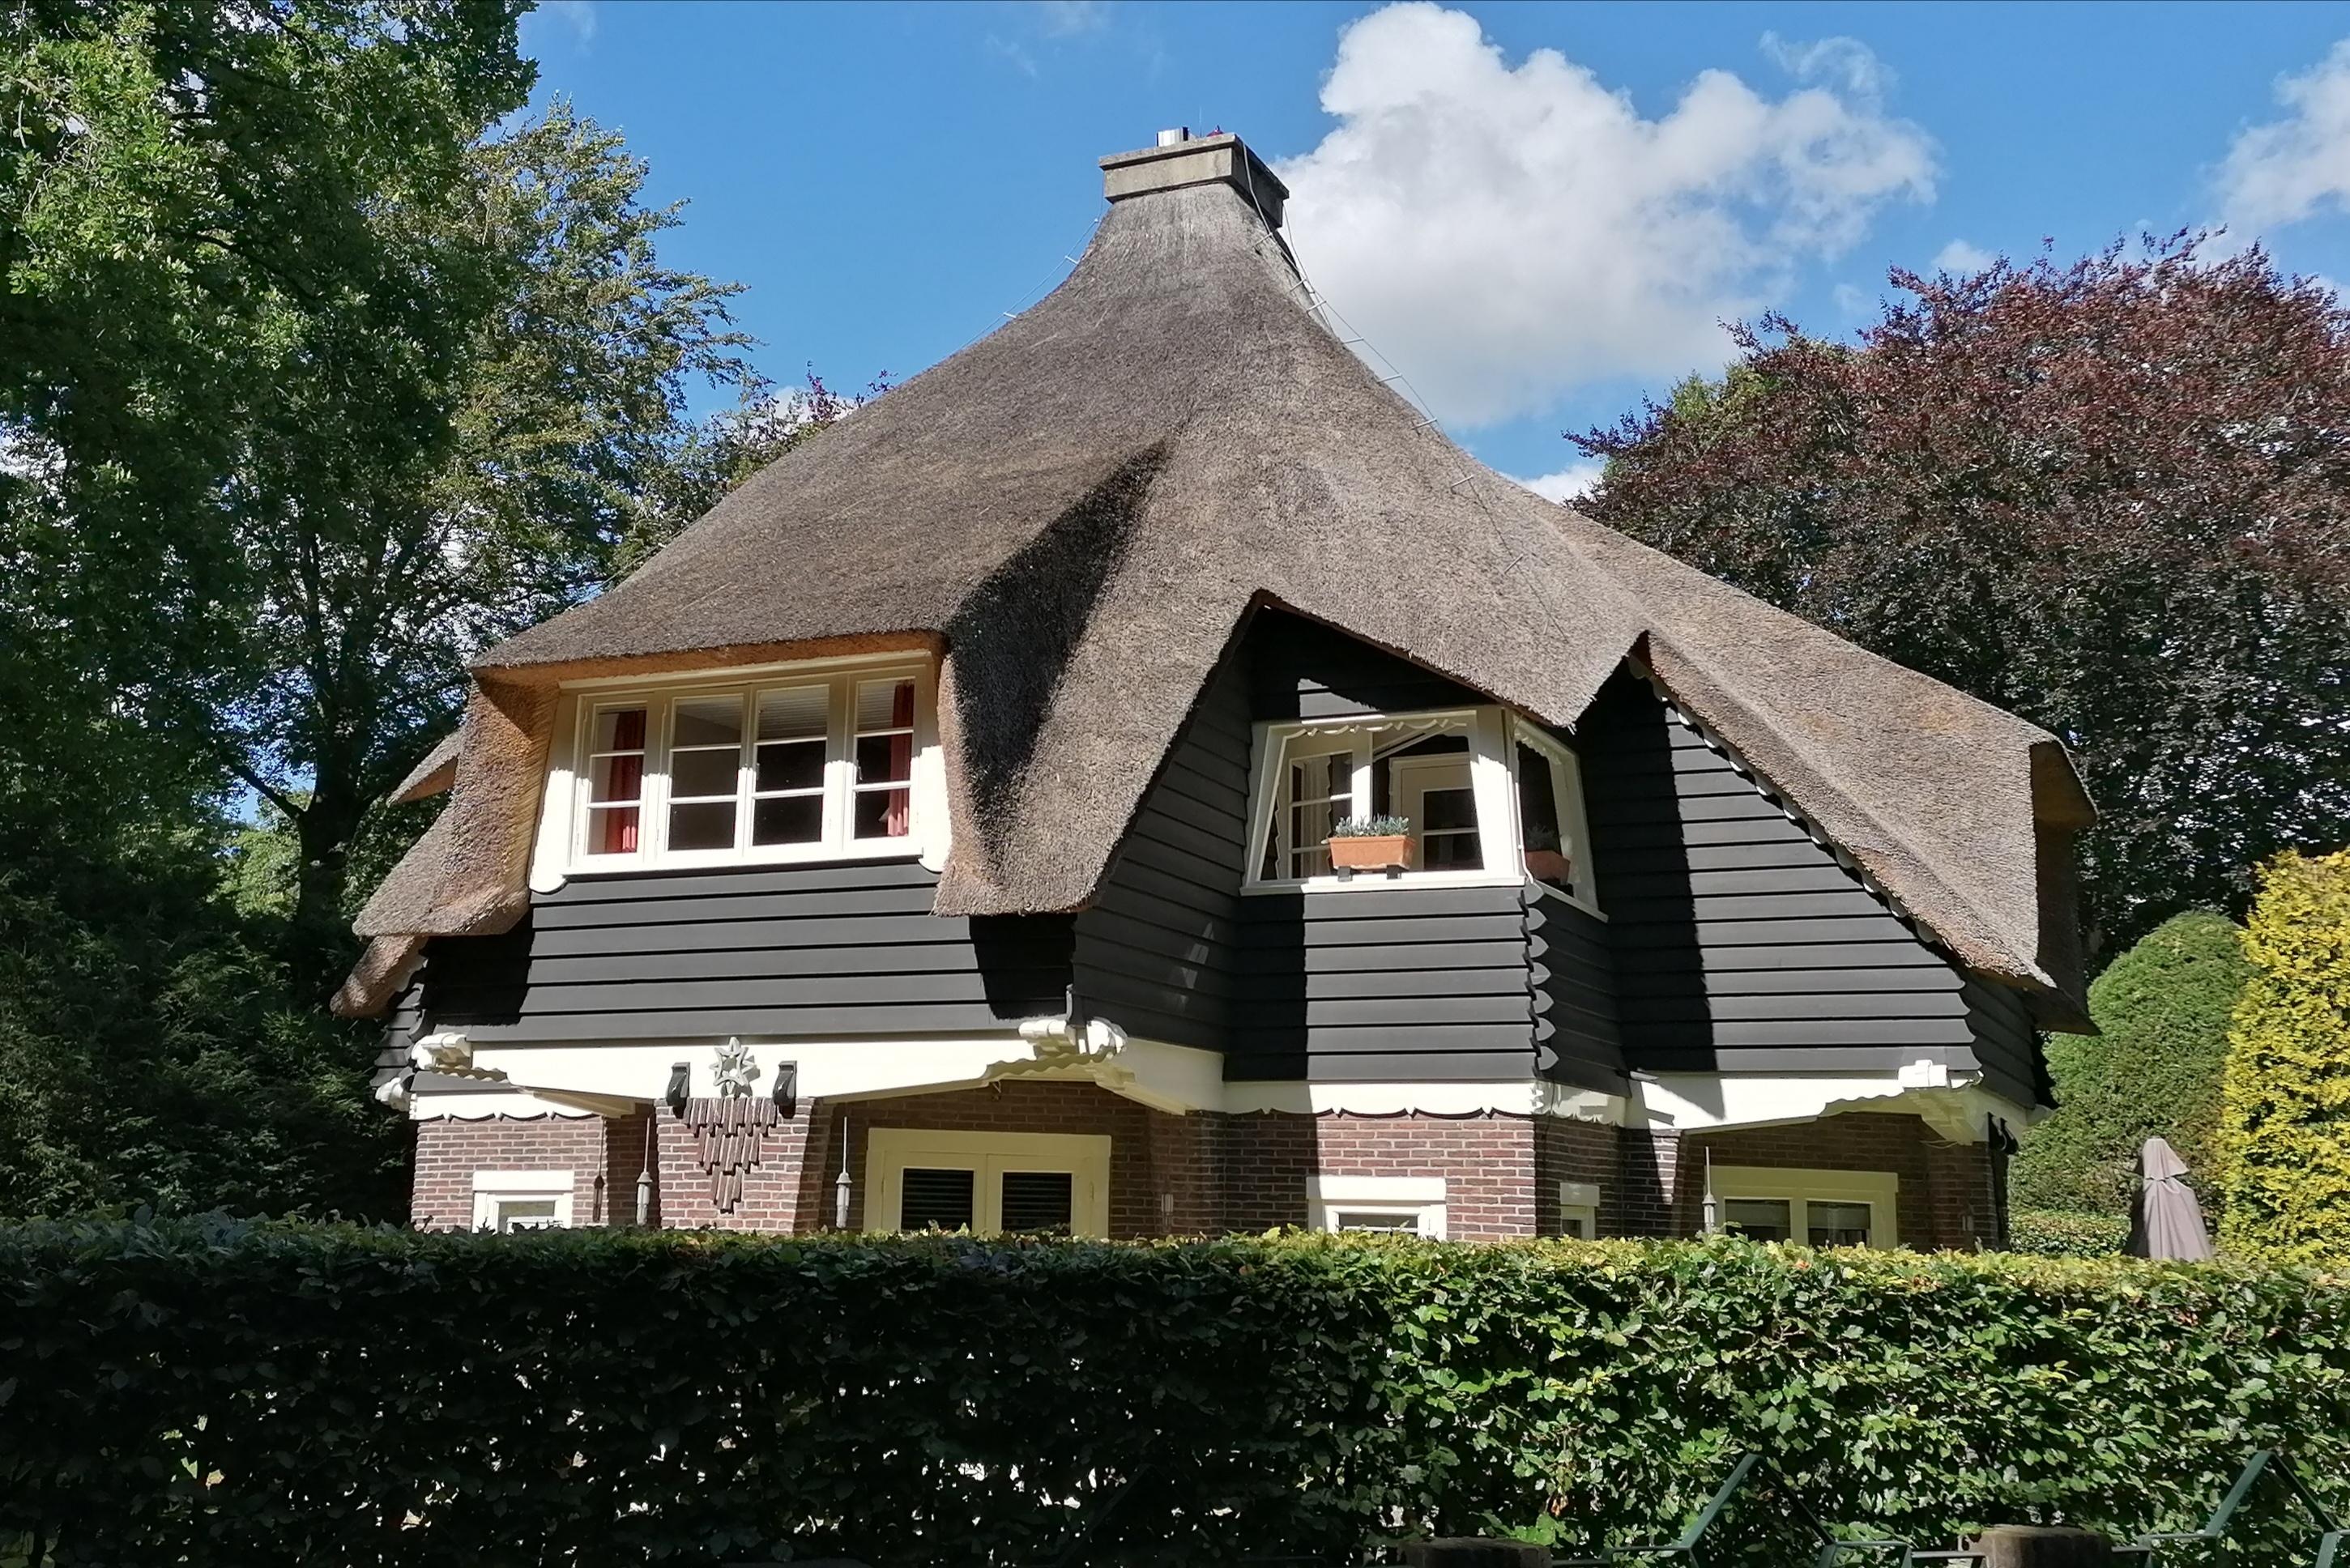 Huize Meerhoek van architect Cornelis Blaauw in Park Meerwijk te Bergen.